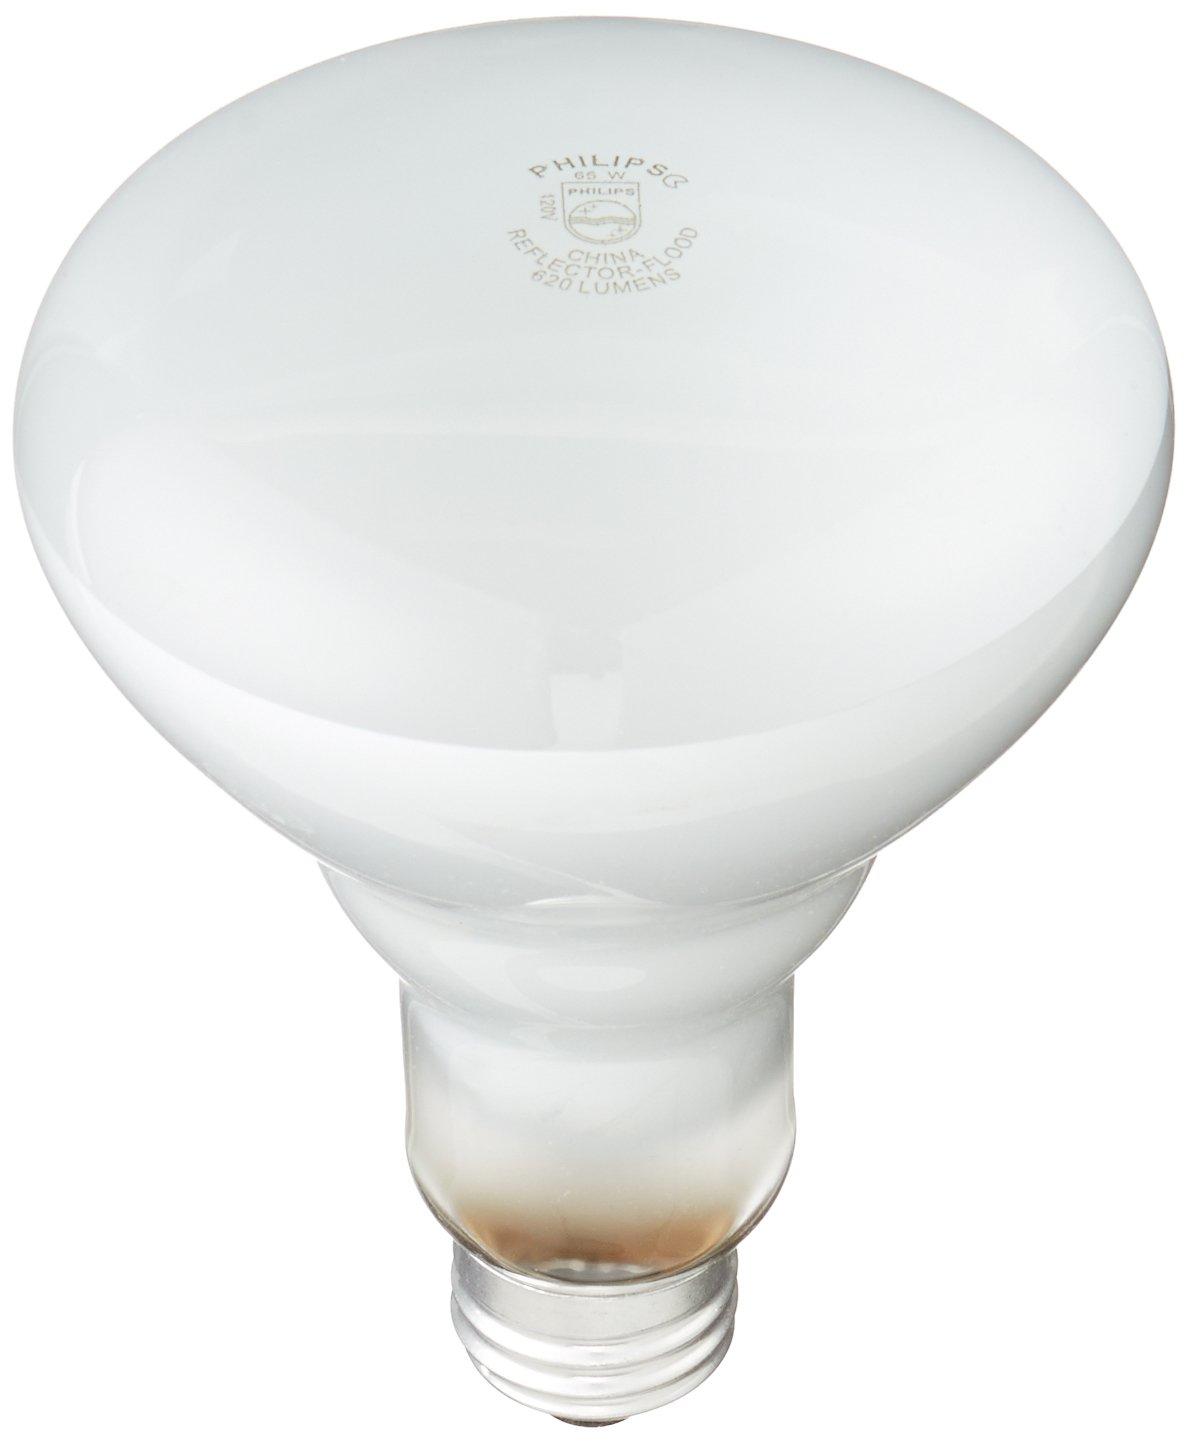 Philips 248872 Soft White 65 Watt Br30 Indoor Flood Light Bulb 12 Pack 0716080054894 Buy